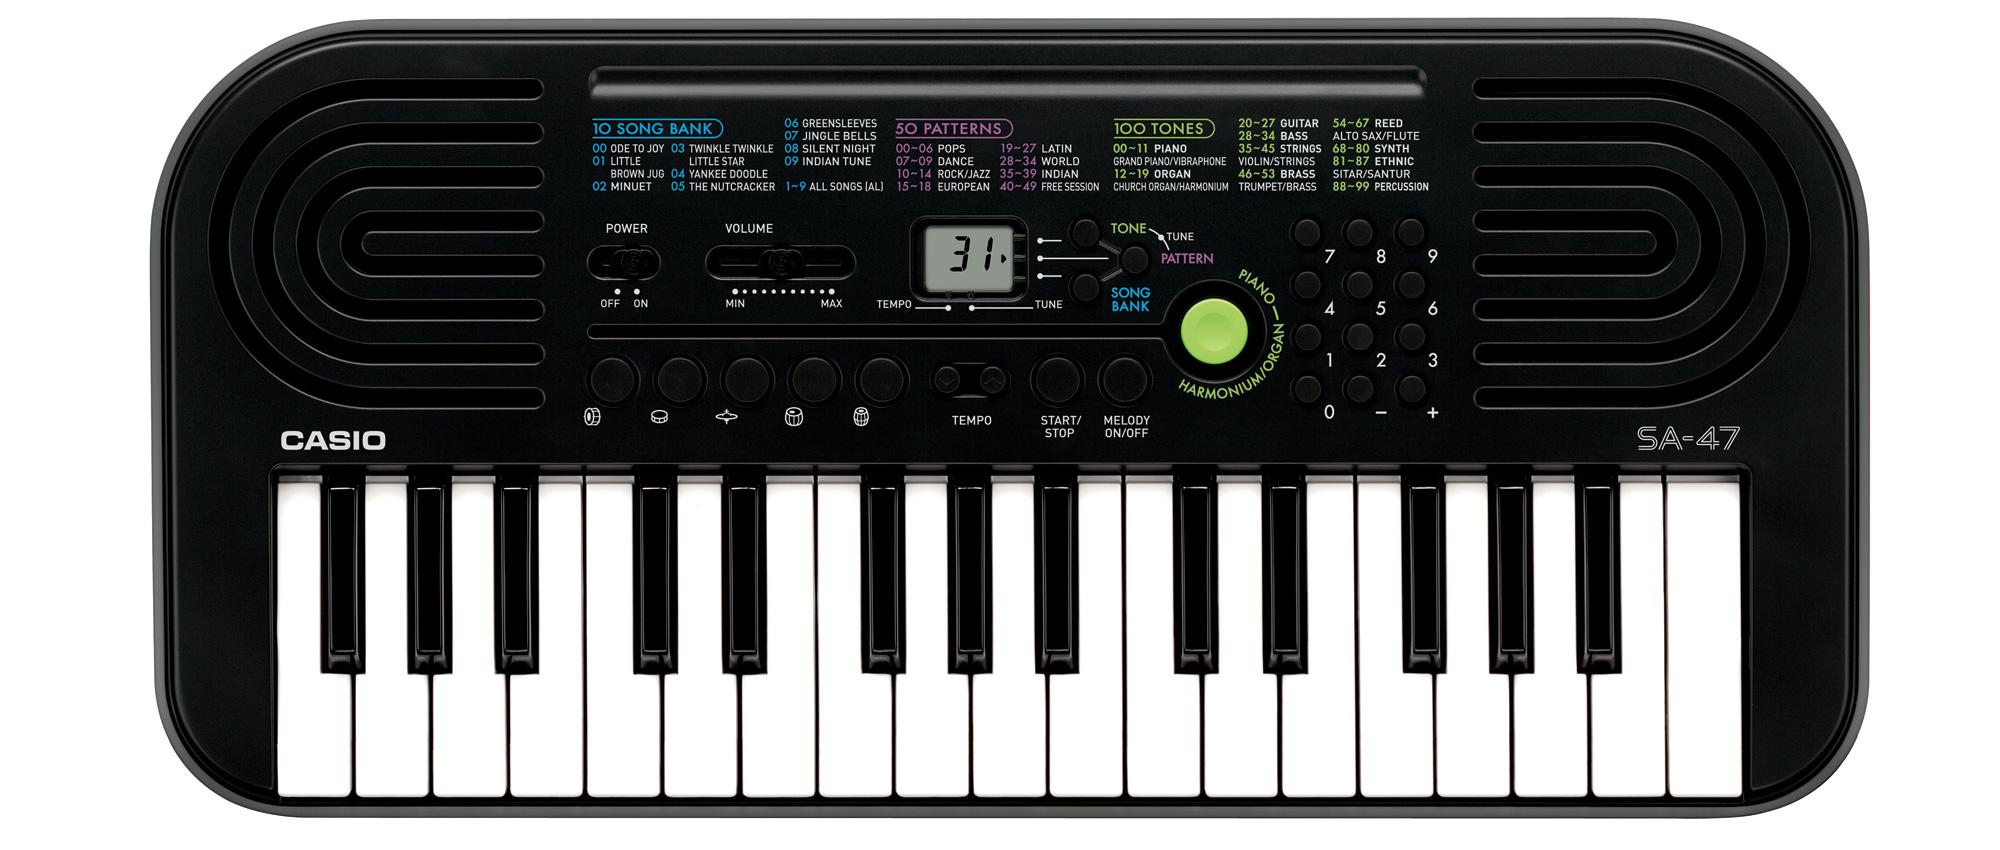 Đàn Organ mini Casio SA 47 giá rẻ 1.100.000 vnd phù hợp cho những bé lớp mầm, giúp bé tiếp xúc với âm nhạc.